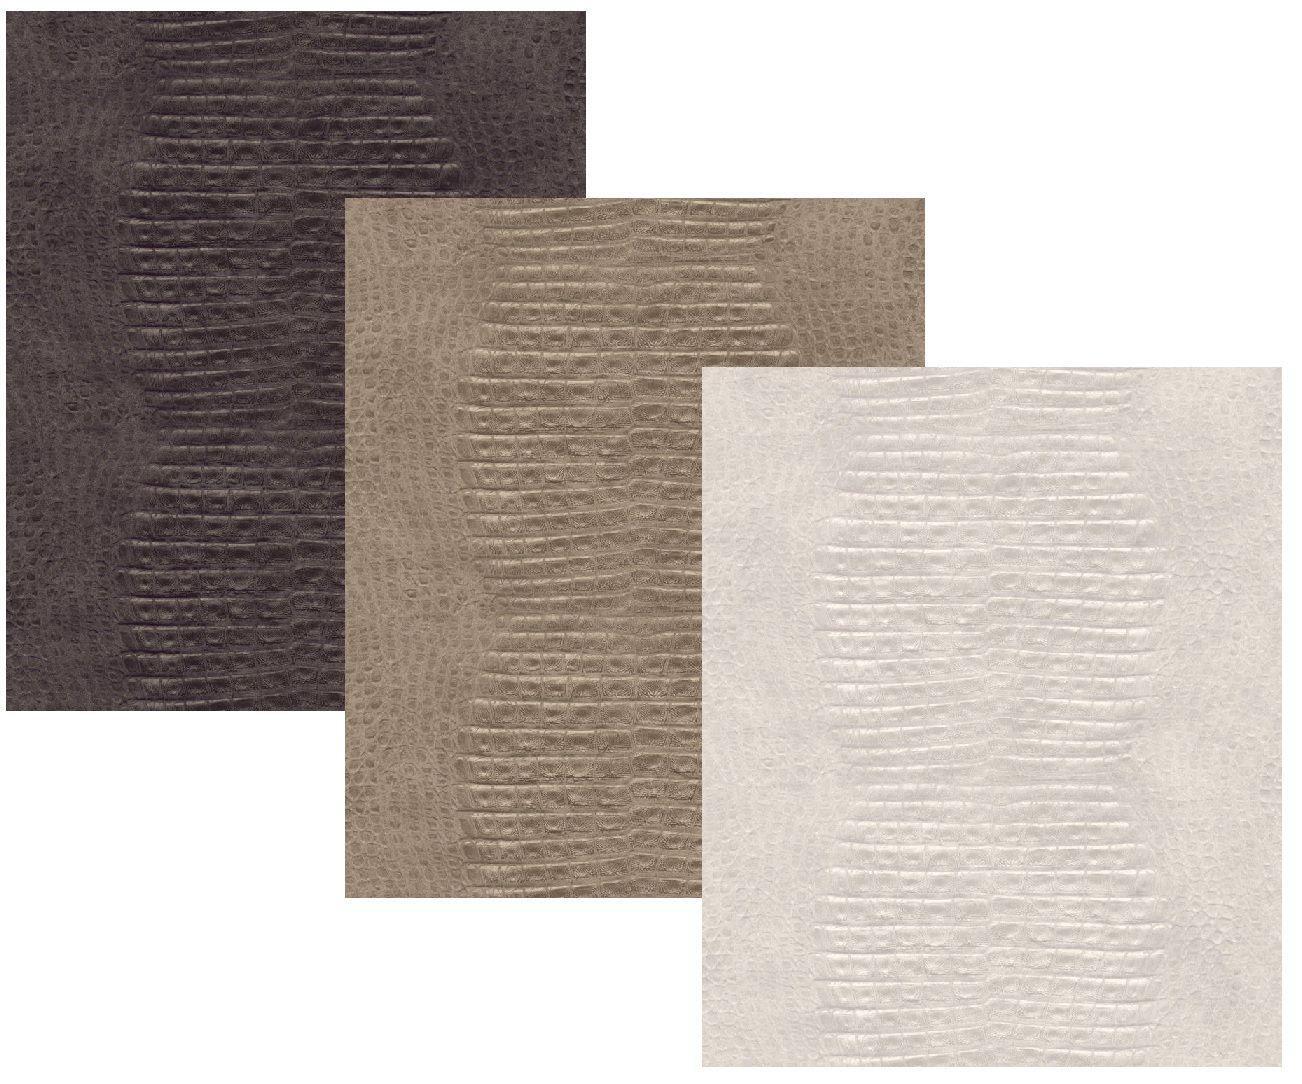 vlies tapete krokodil leder braun bronze gold creme. Black Bedroom Furniture Sets. Home Design Ideas